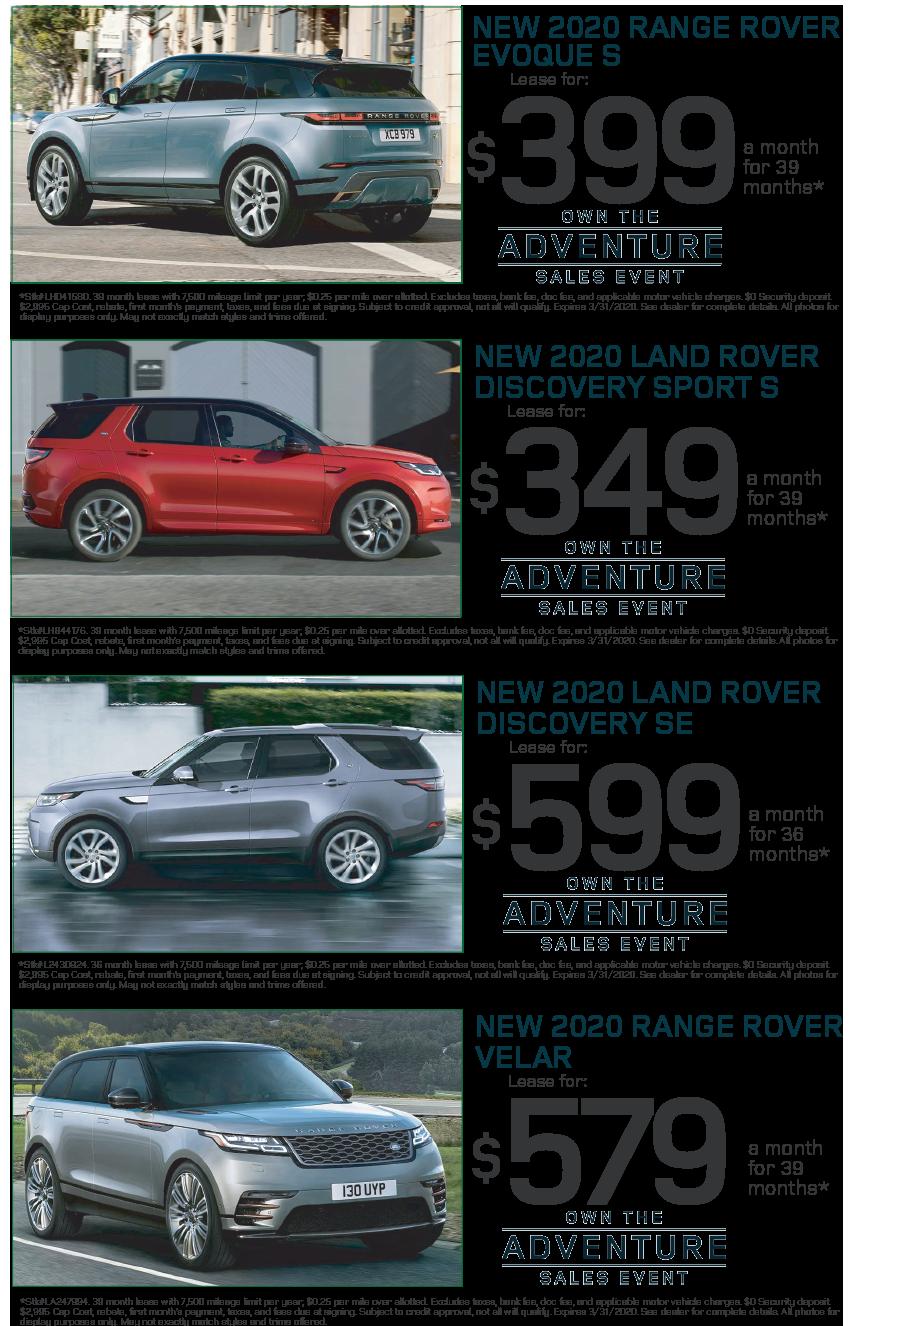 2017 Range Rover Sport Hse Lease Deals Lamoureph Blog